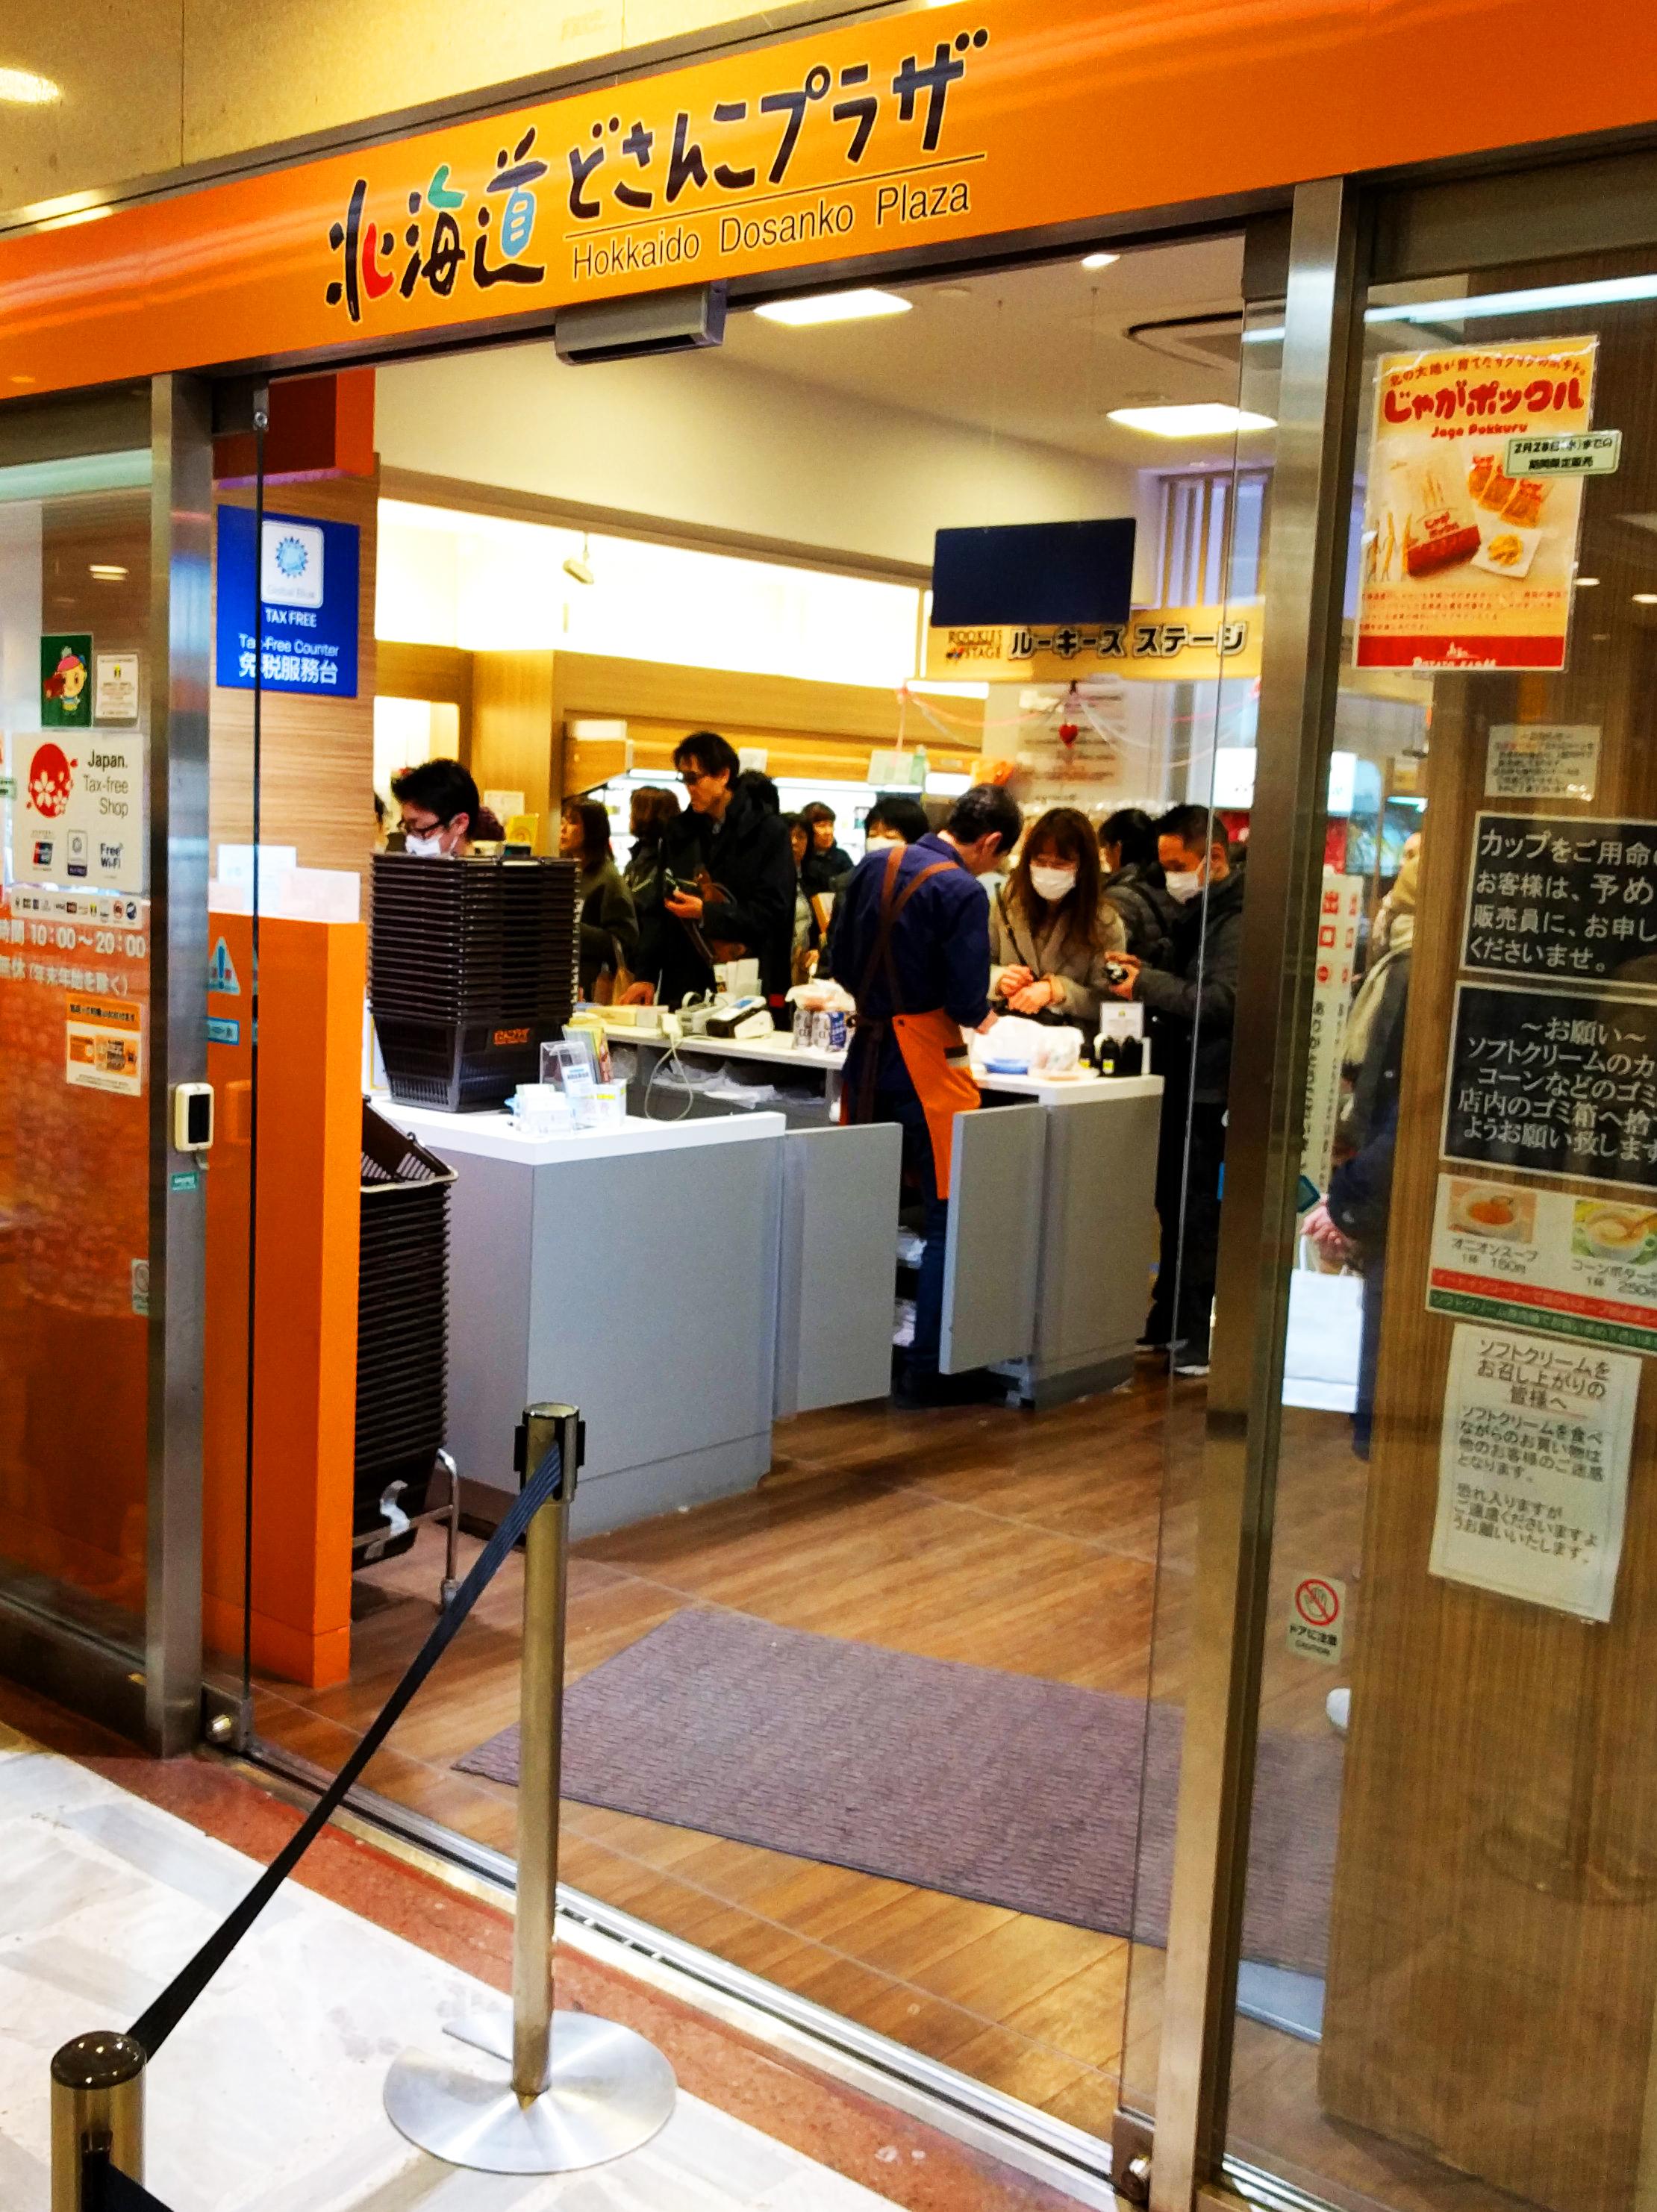 東京でも北海道夕張メロンの味が楽しめる ~北海道どさんこプラザ有楽町店のソフトクリーム~【連載:アキラの着目】